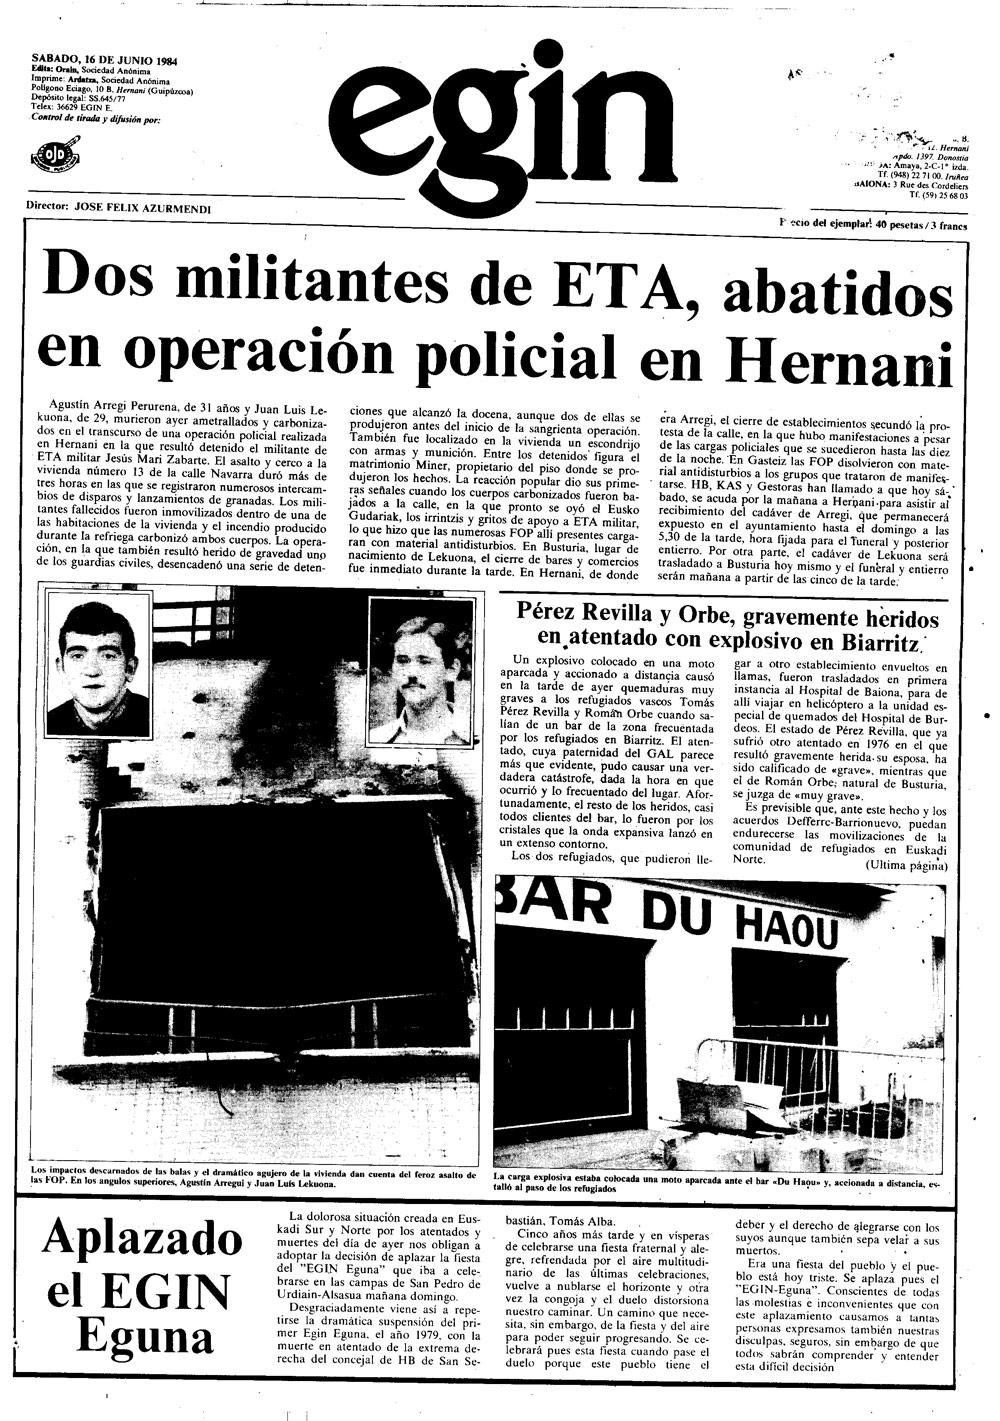 Tomas Perez Revilla, Egin-en.